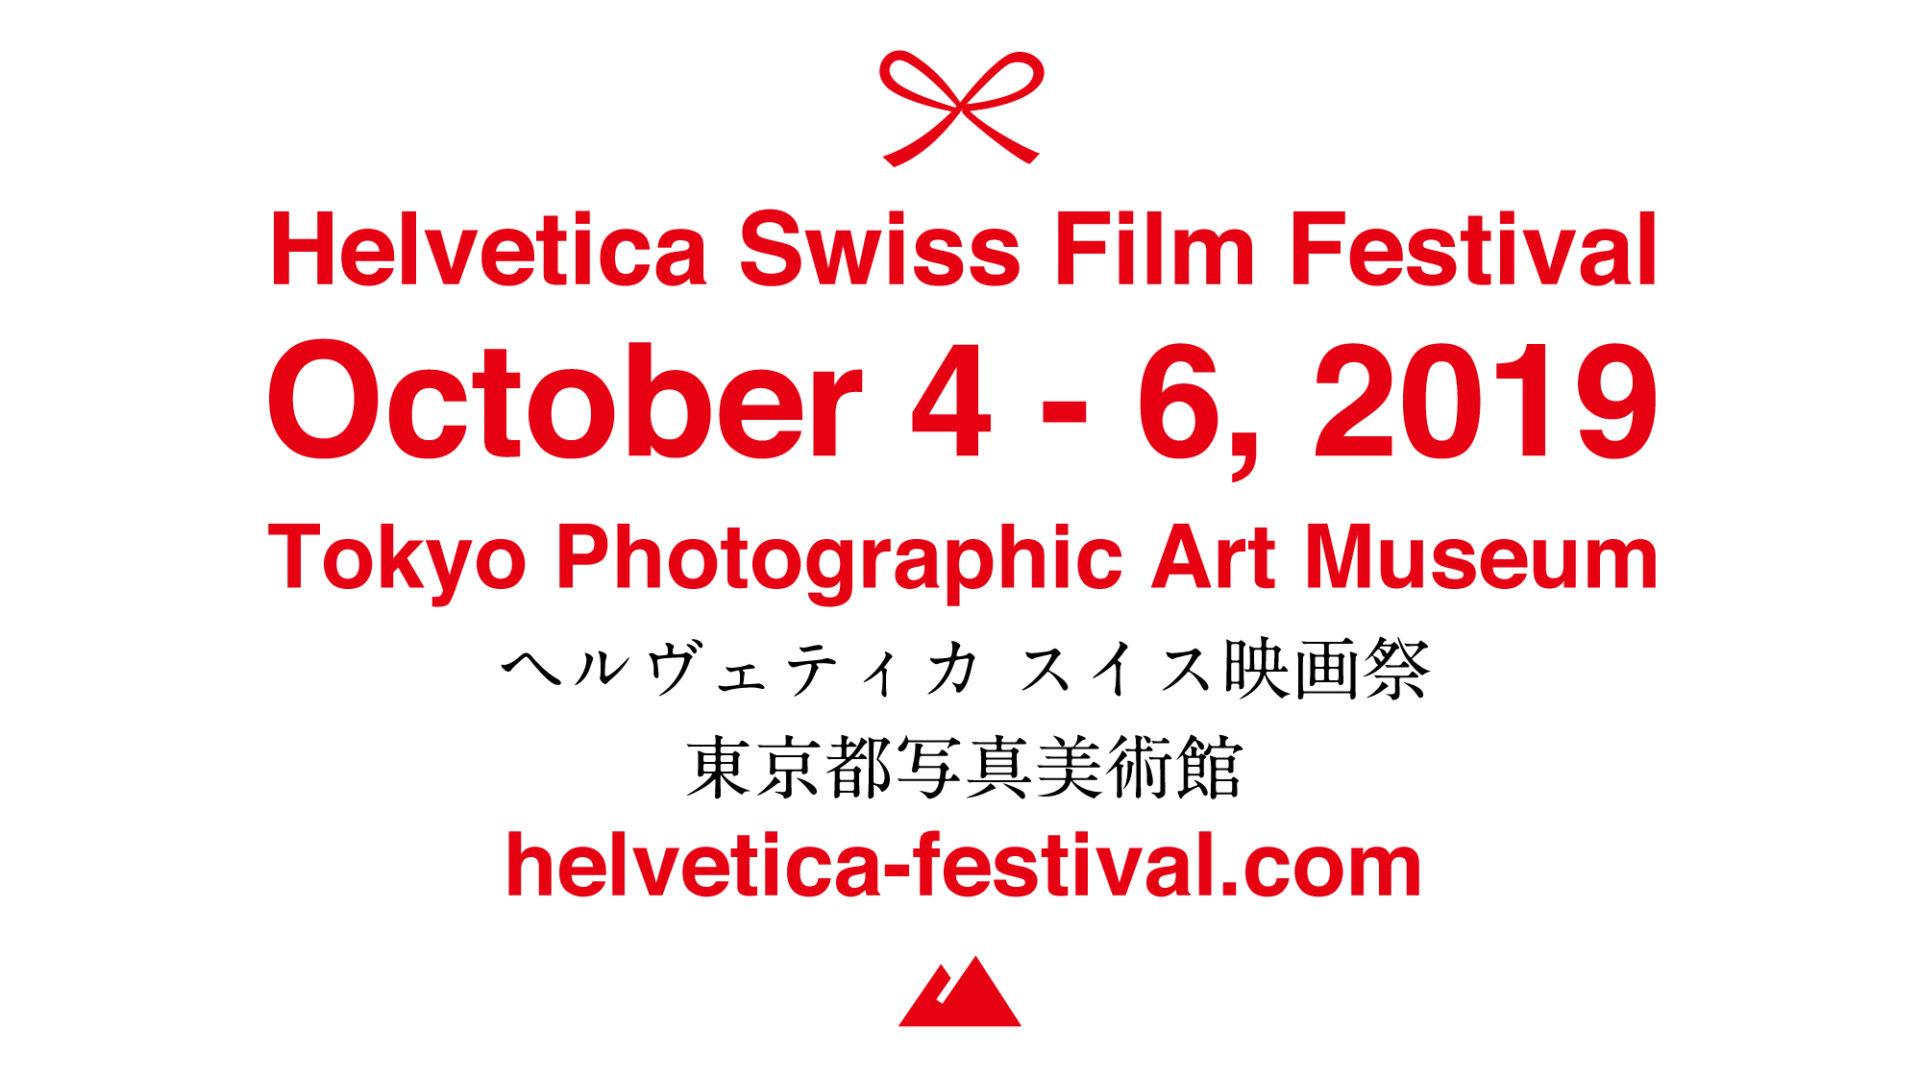 helvetica-festival